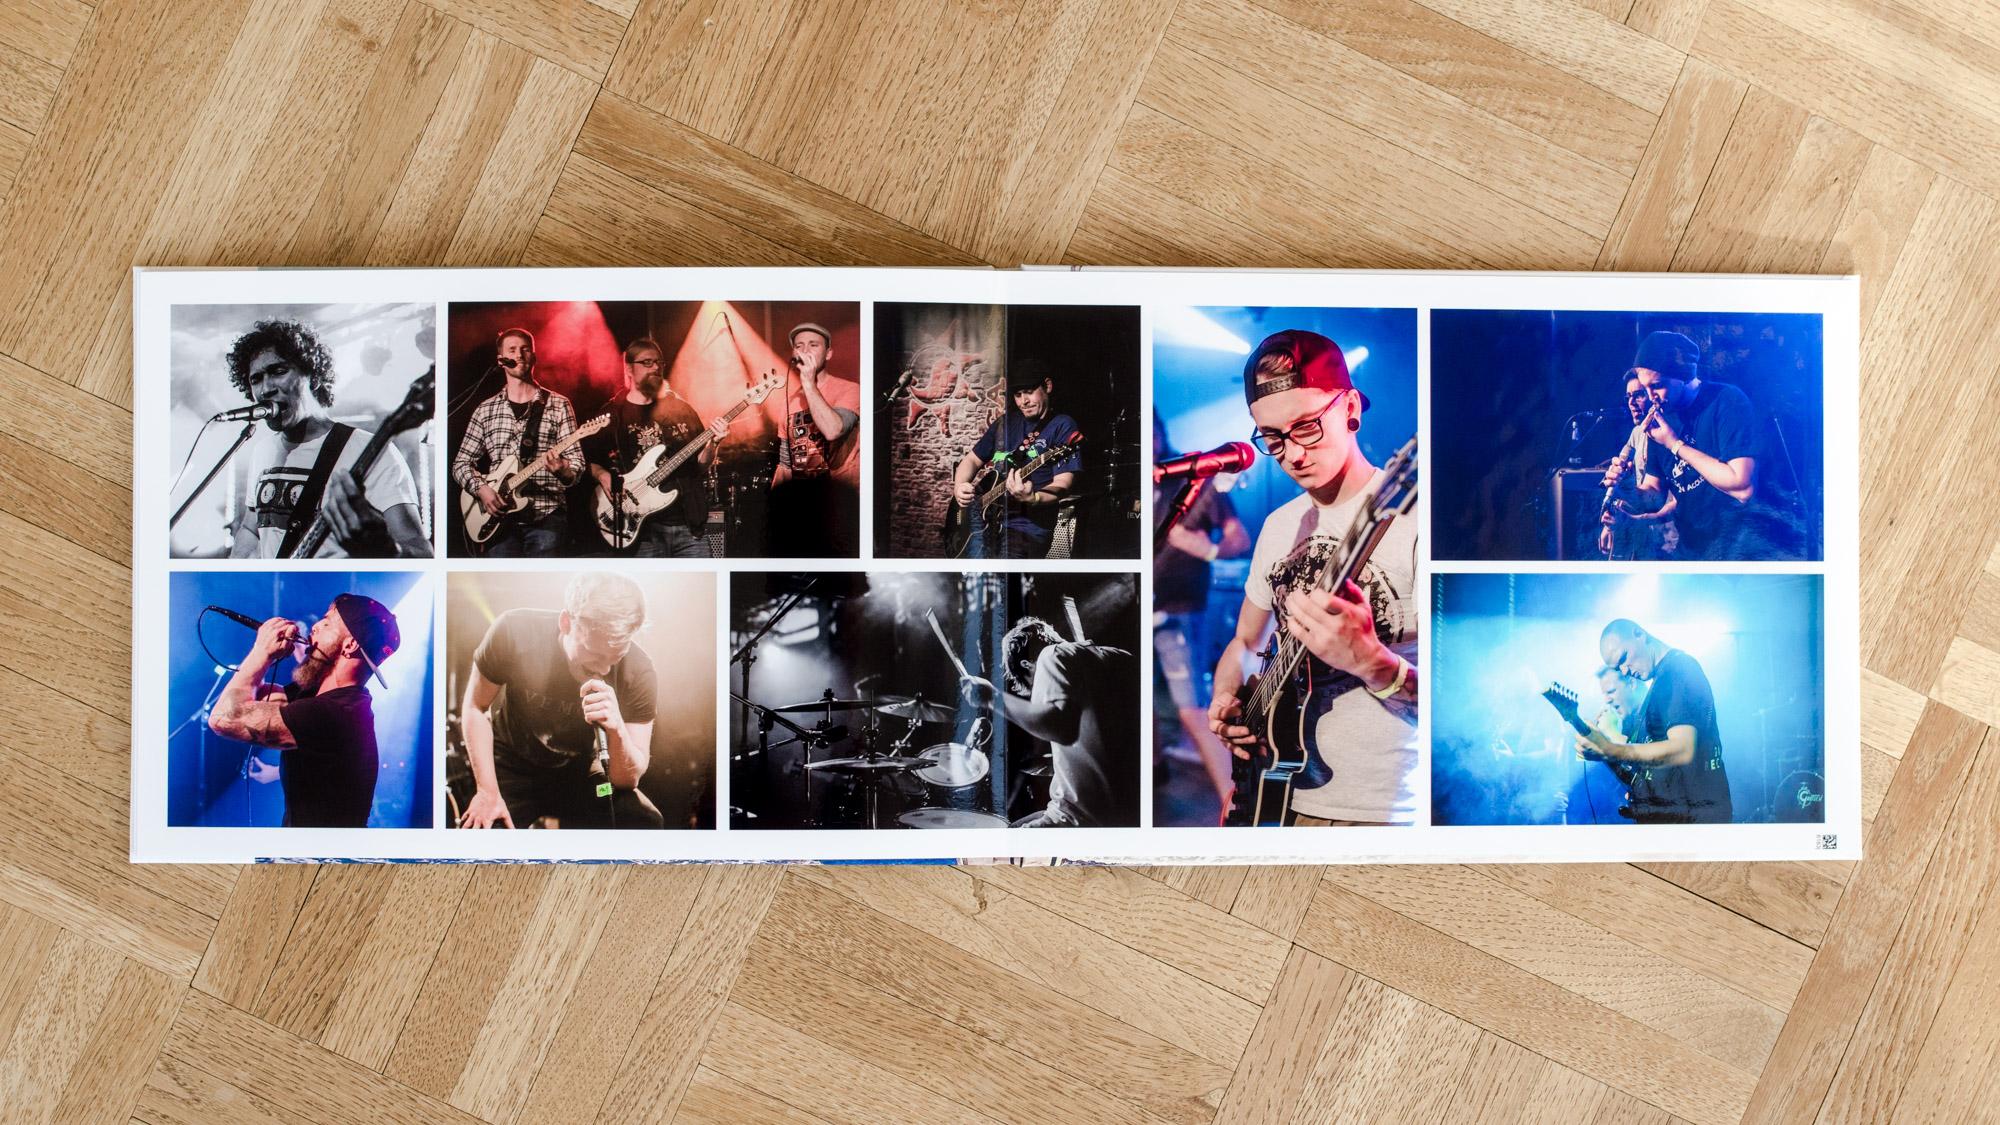 _artikel_fotobuch-saaldigital-6722